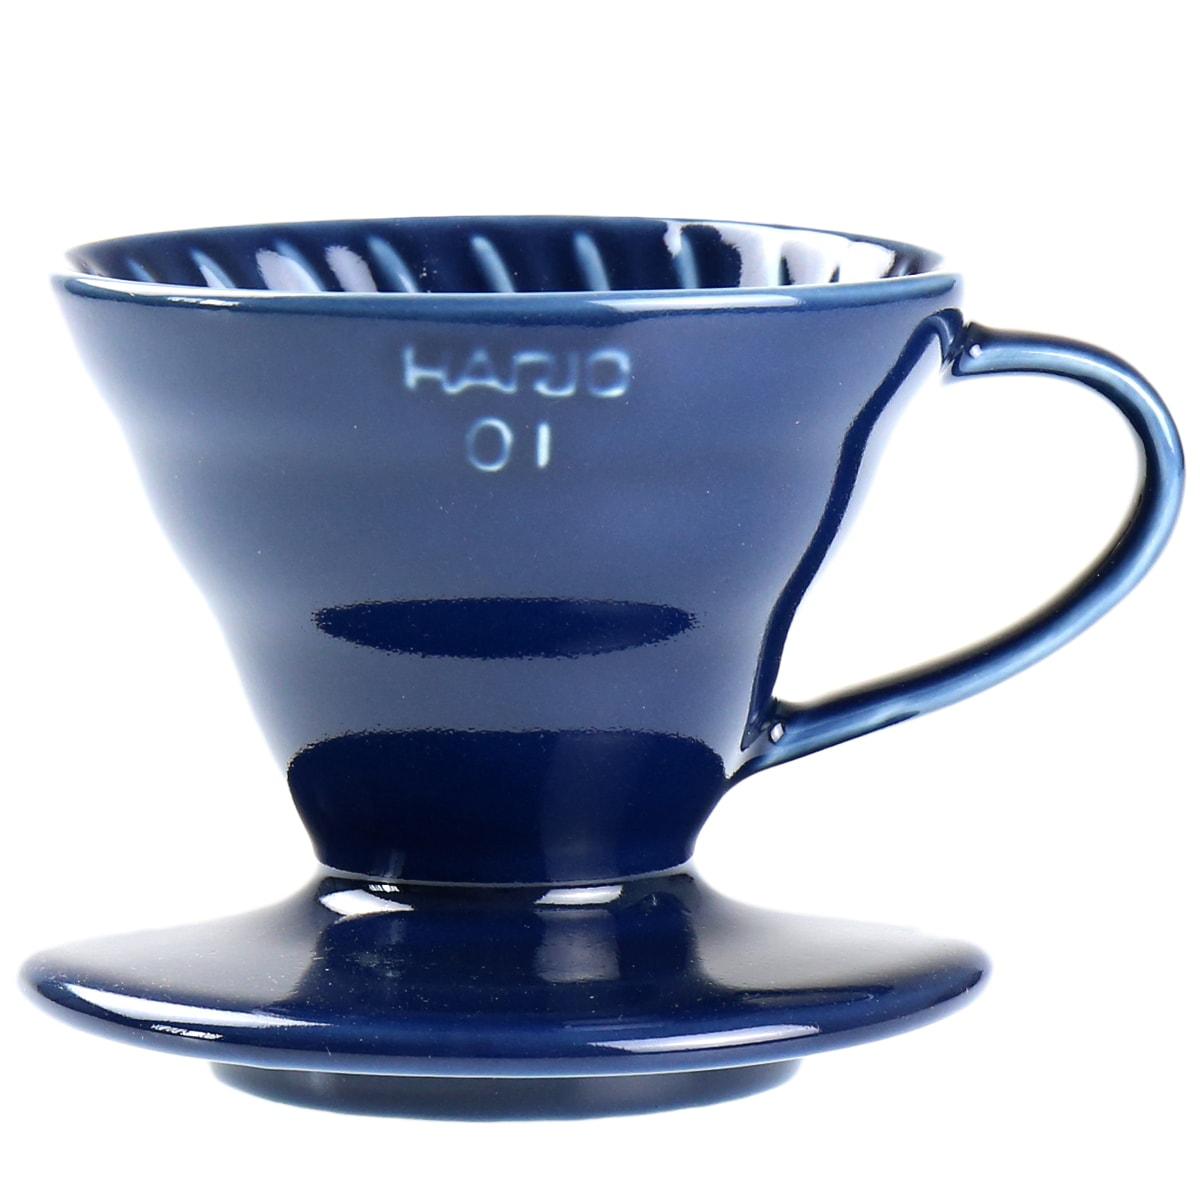 セラミックコーヒードリッパー01 <紺青>